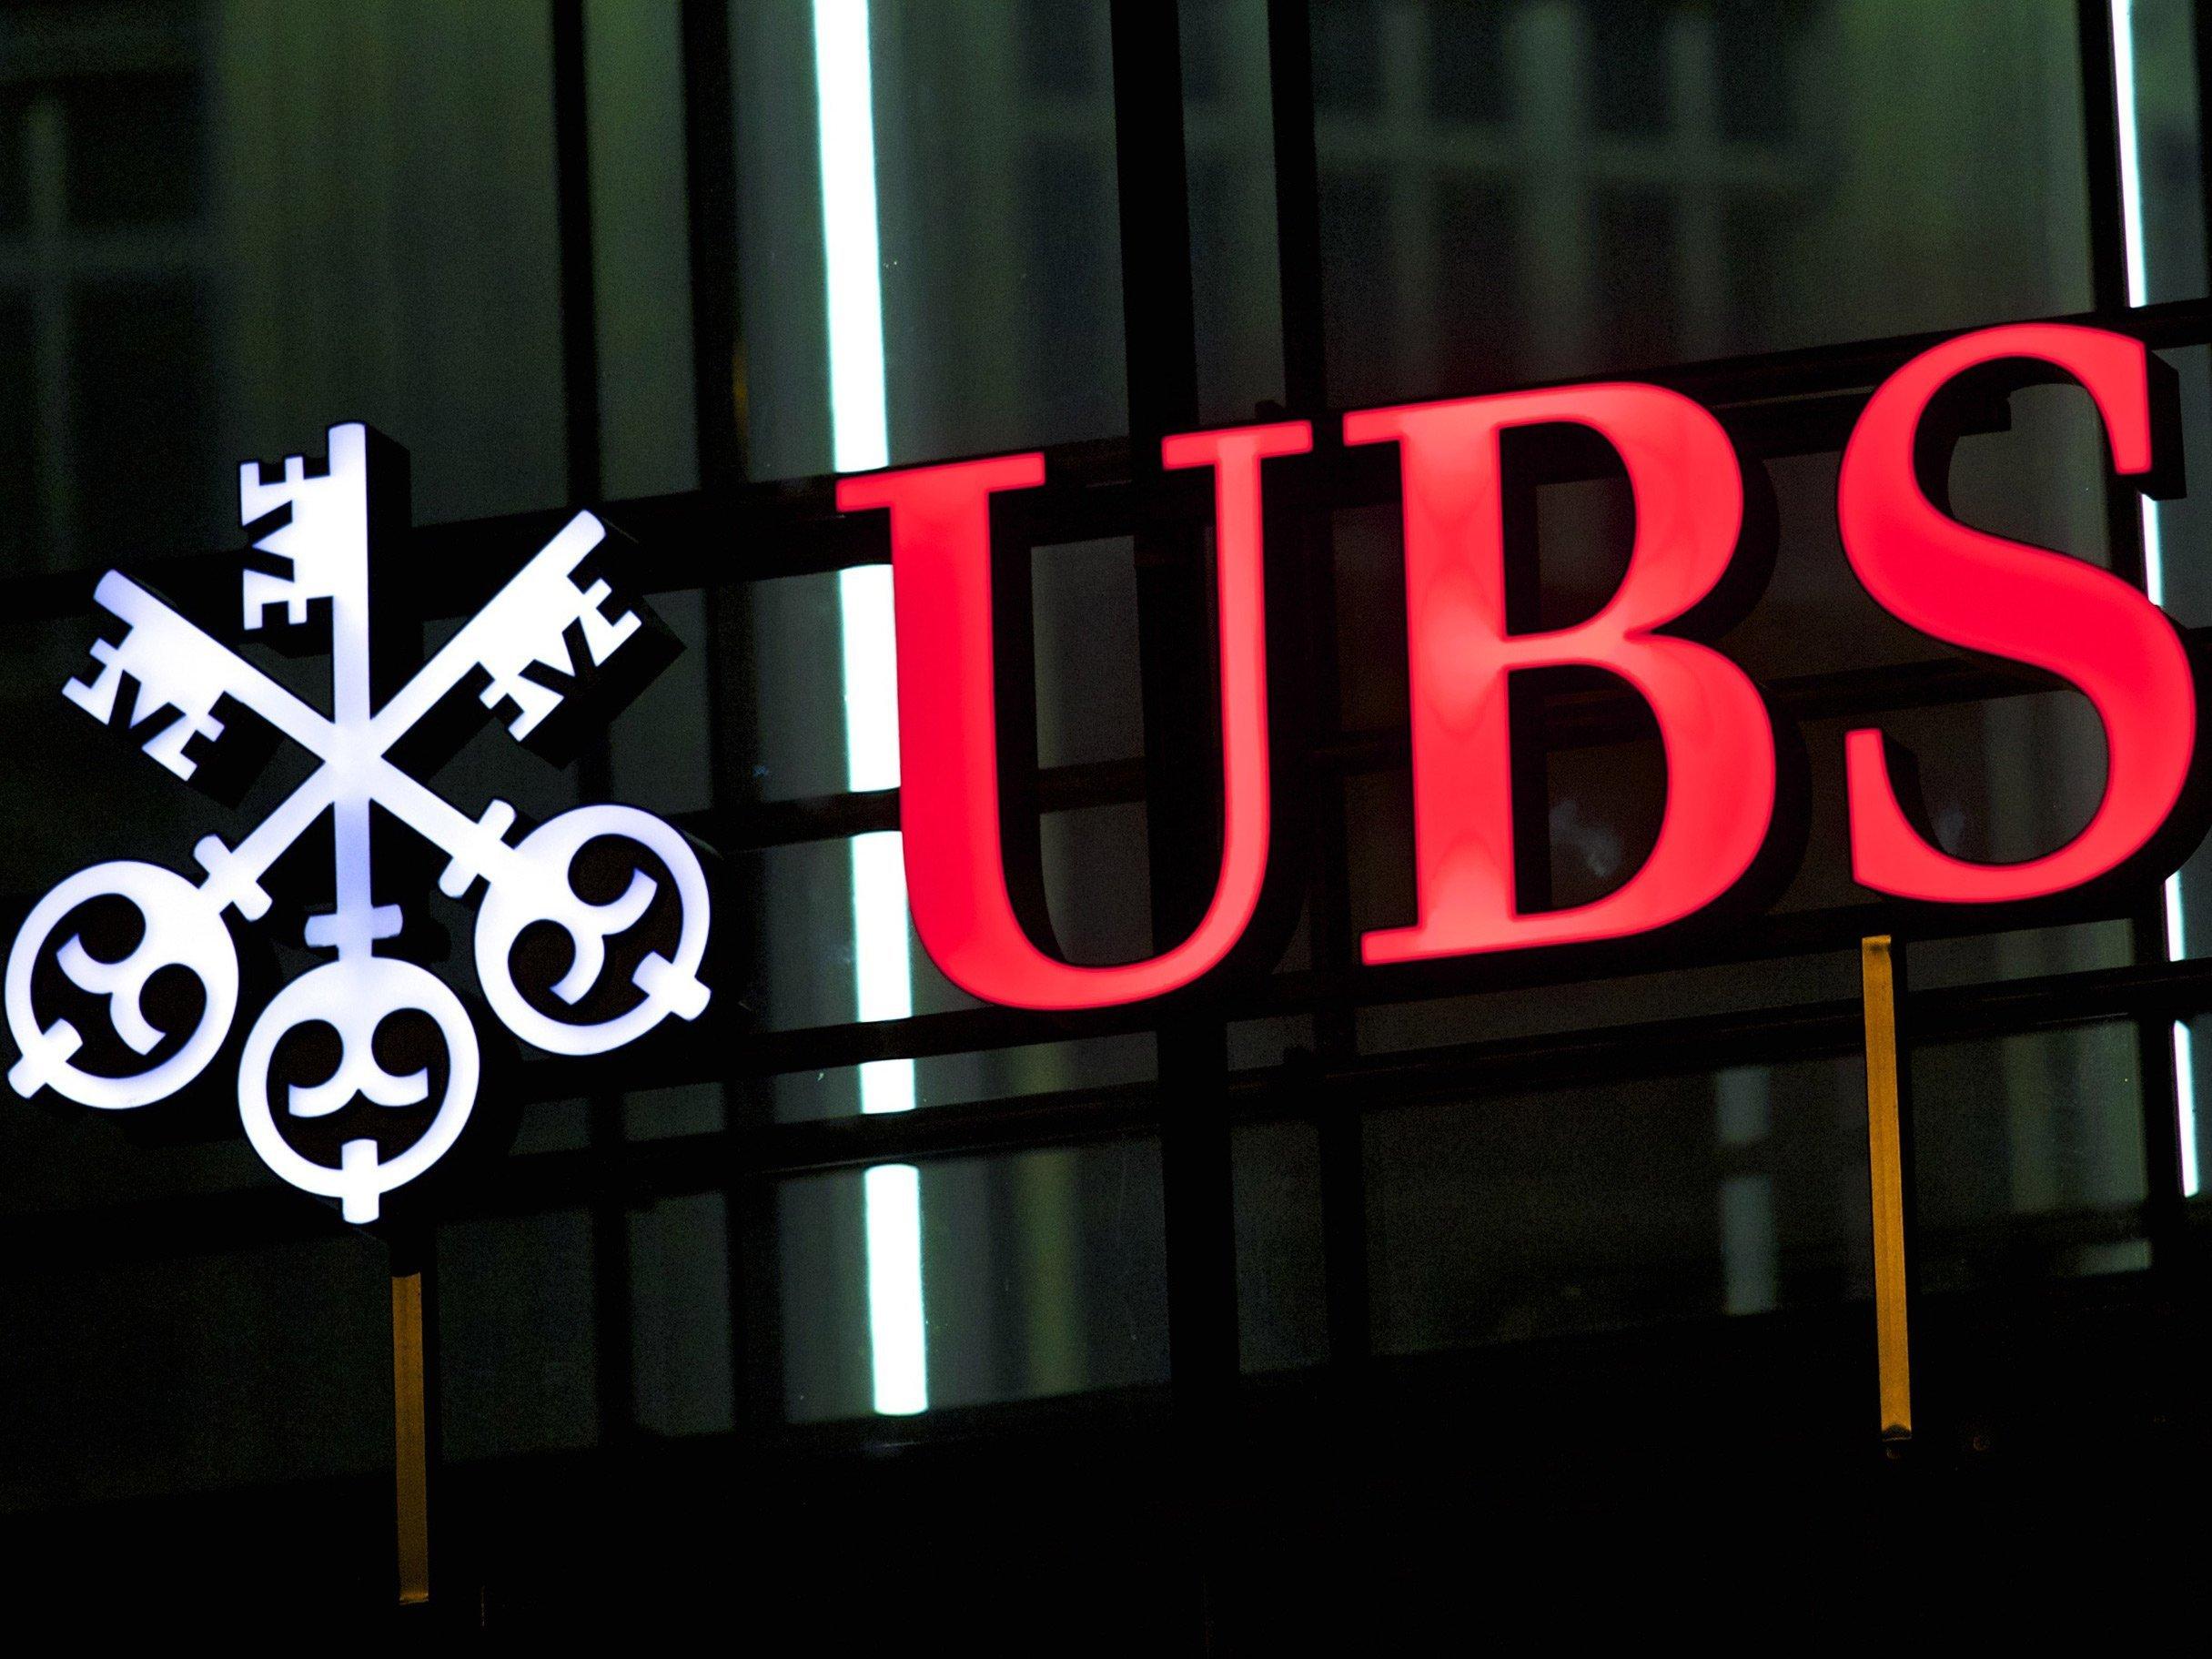 UBS khuyến nghị khách hàng mua vàng vì bầu cử Tổng thống Mỹ 2020 đầy rẫy sự khó lường